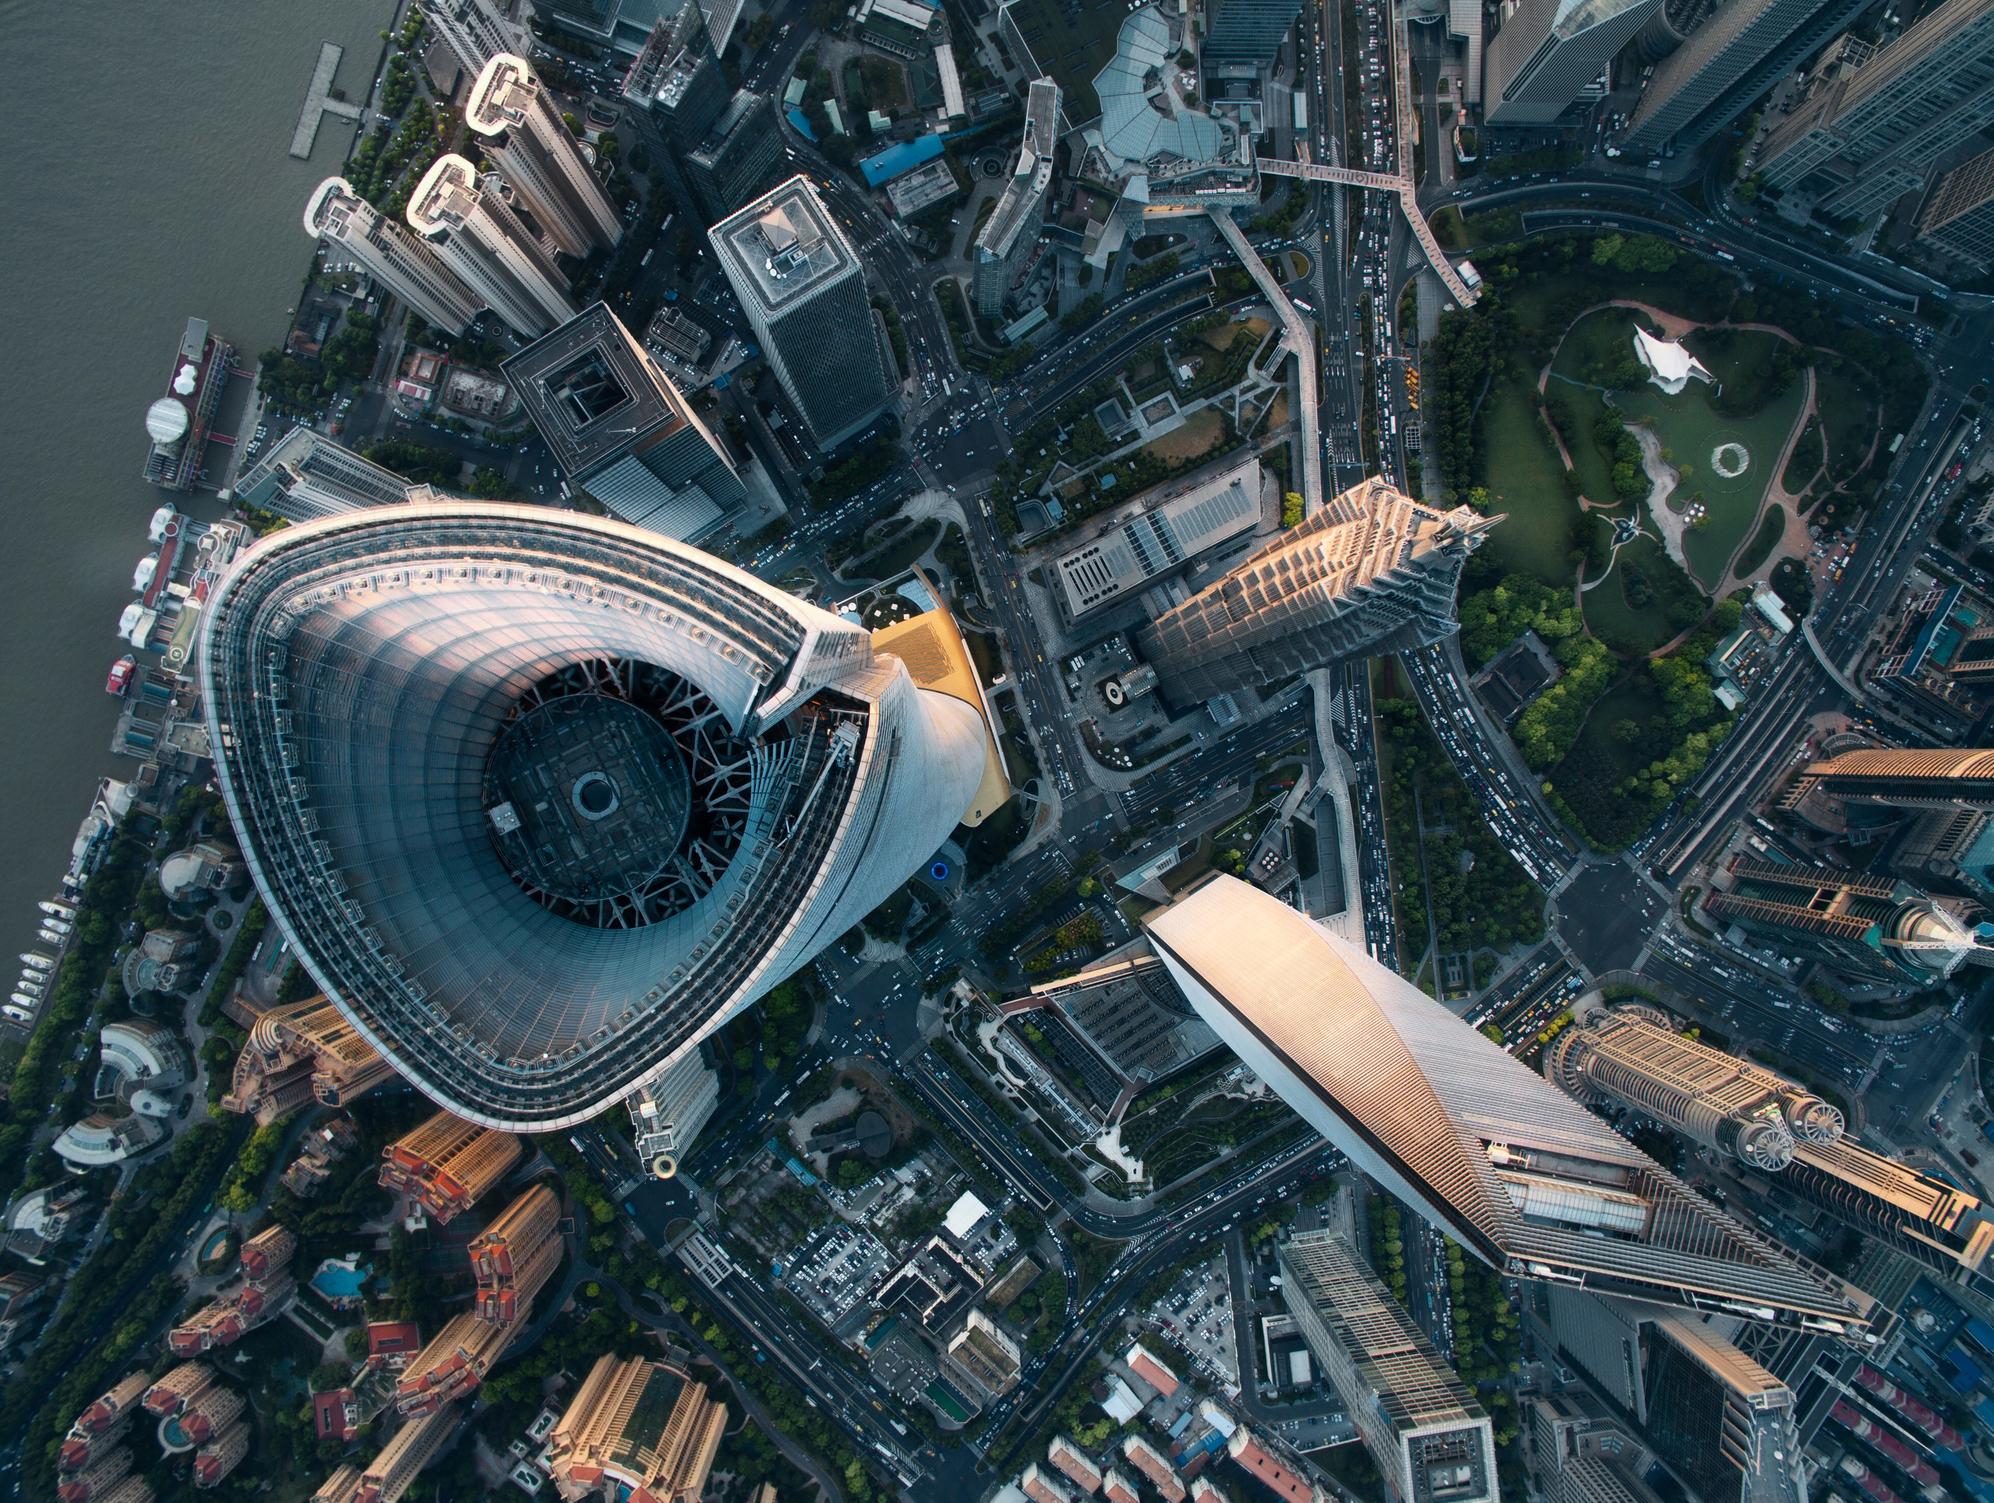 Aerial-View-Of-Shanghai-611751234_1997x1506.jpeg